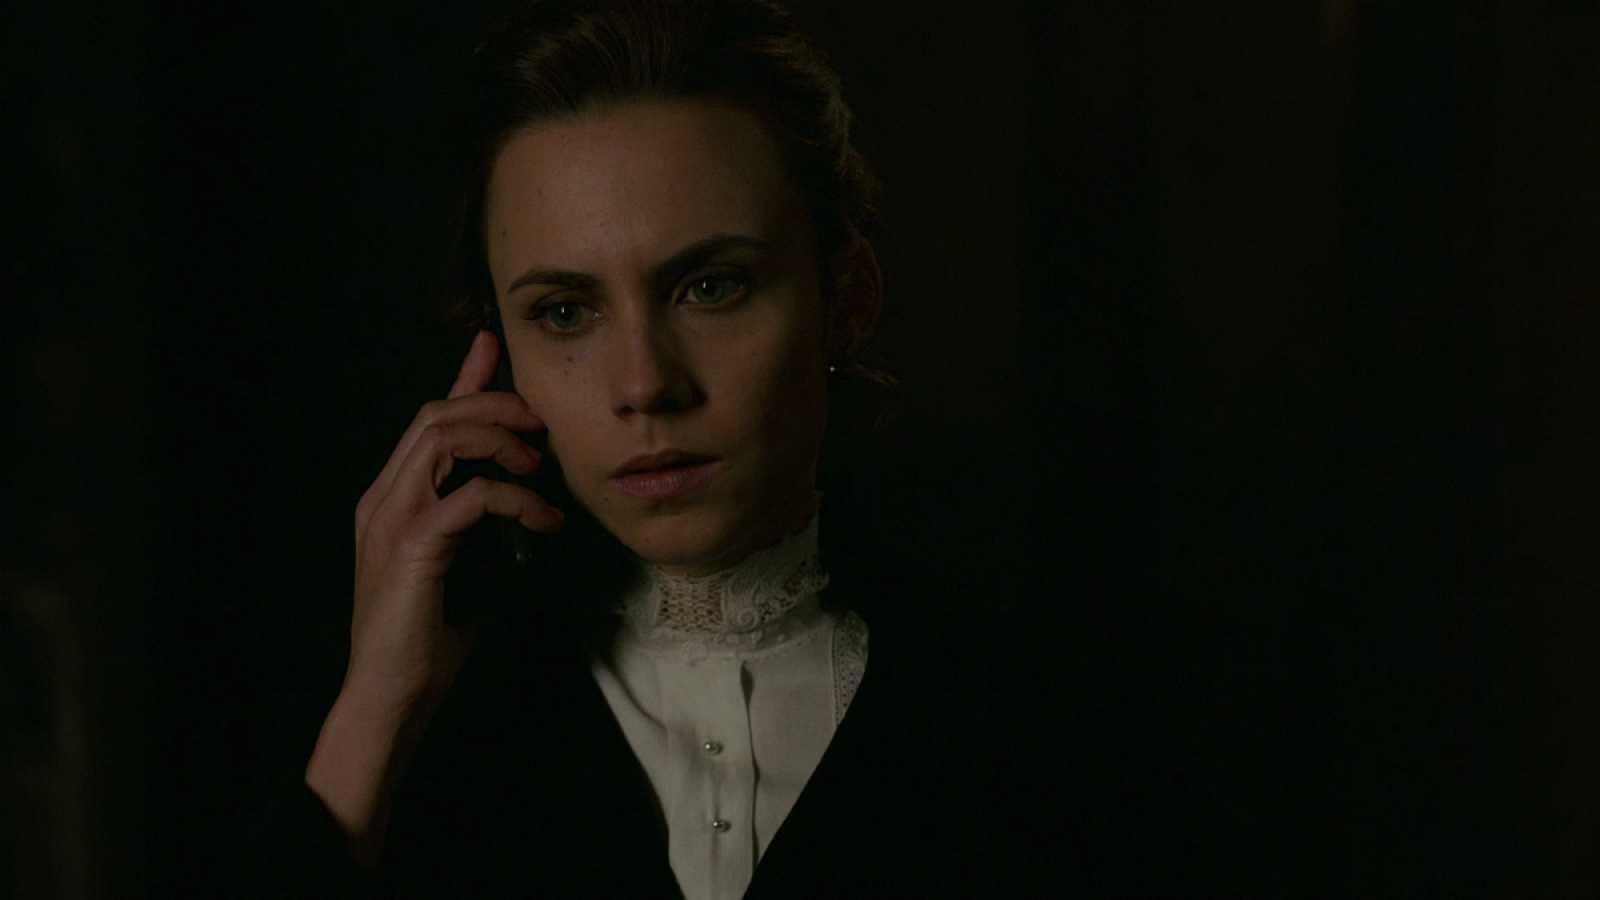 El Ministerio del Tiempo - El tono de llamada del teléfono móvil de Amelia